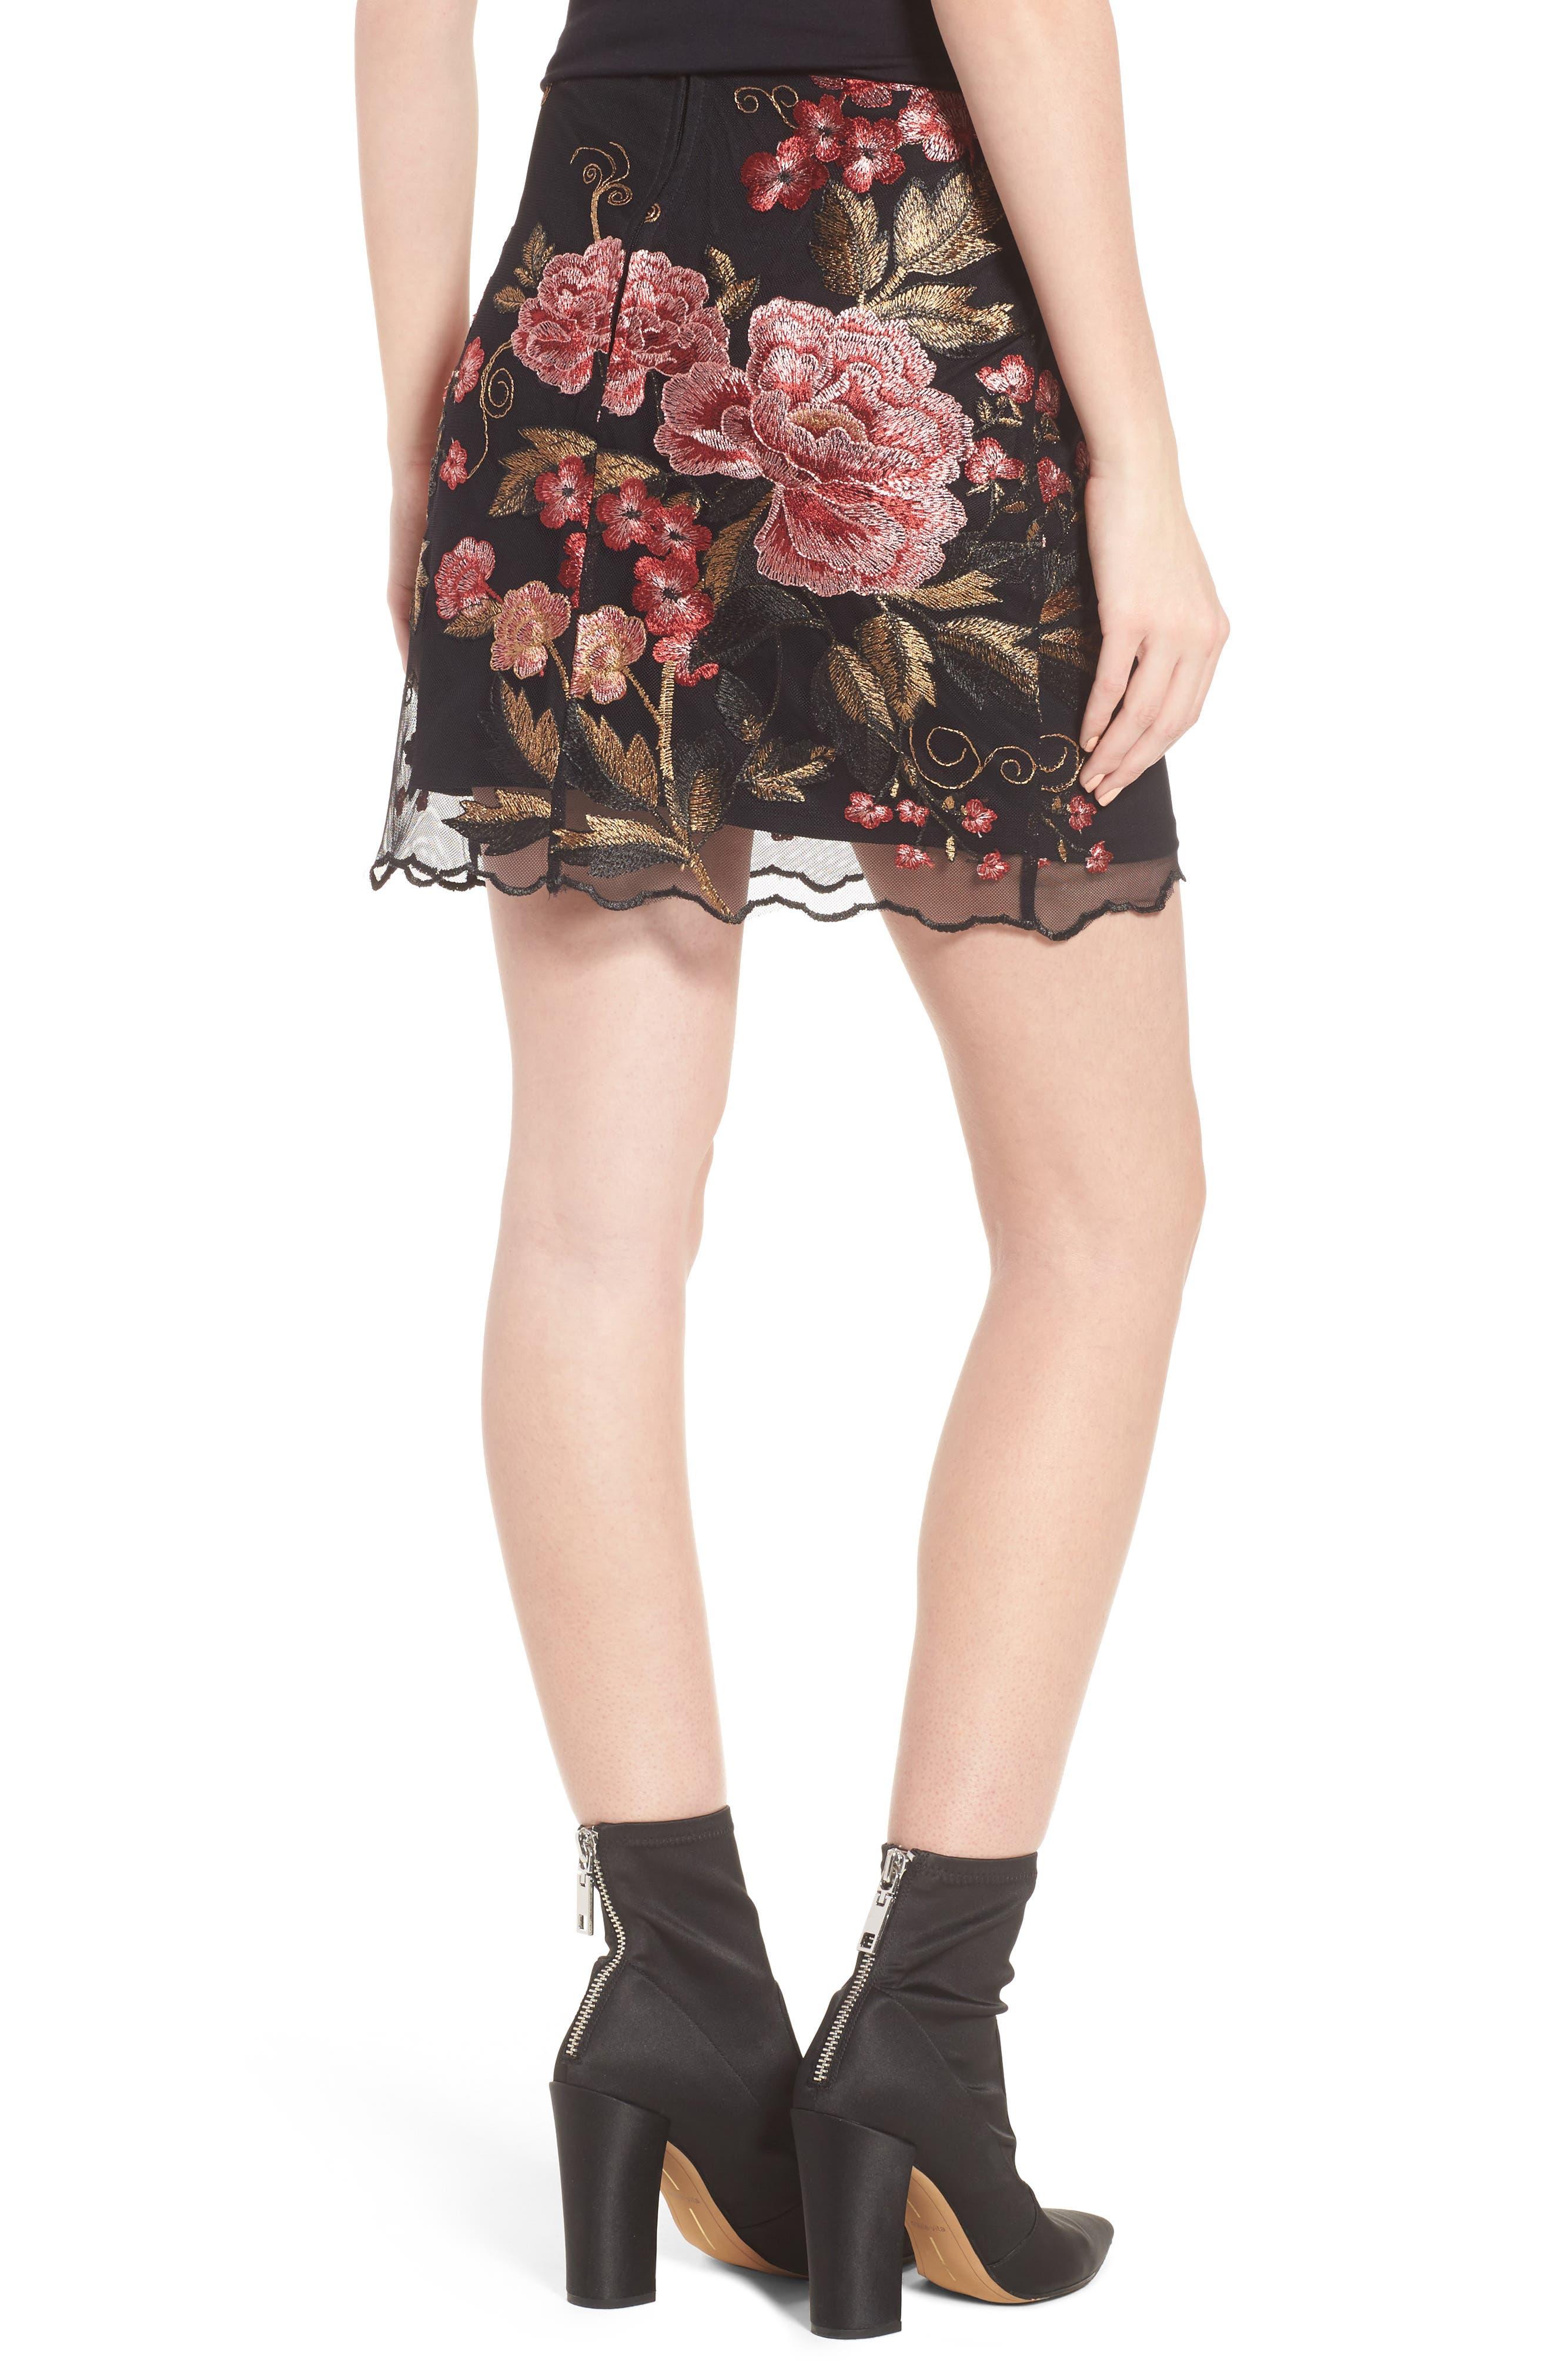 Sunset Embroidered Skirt,                             Alternate thumbnail 3, color,                             Black/ Rose